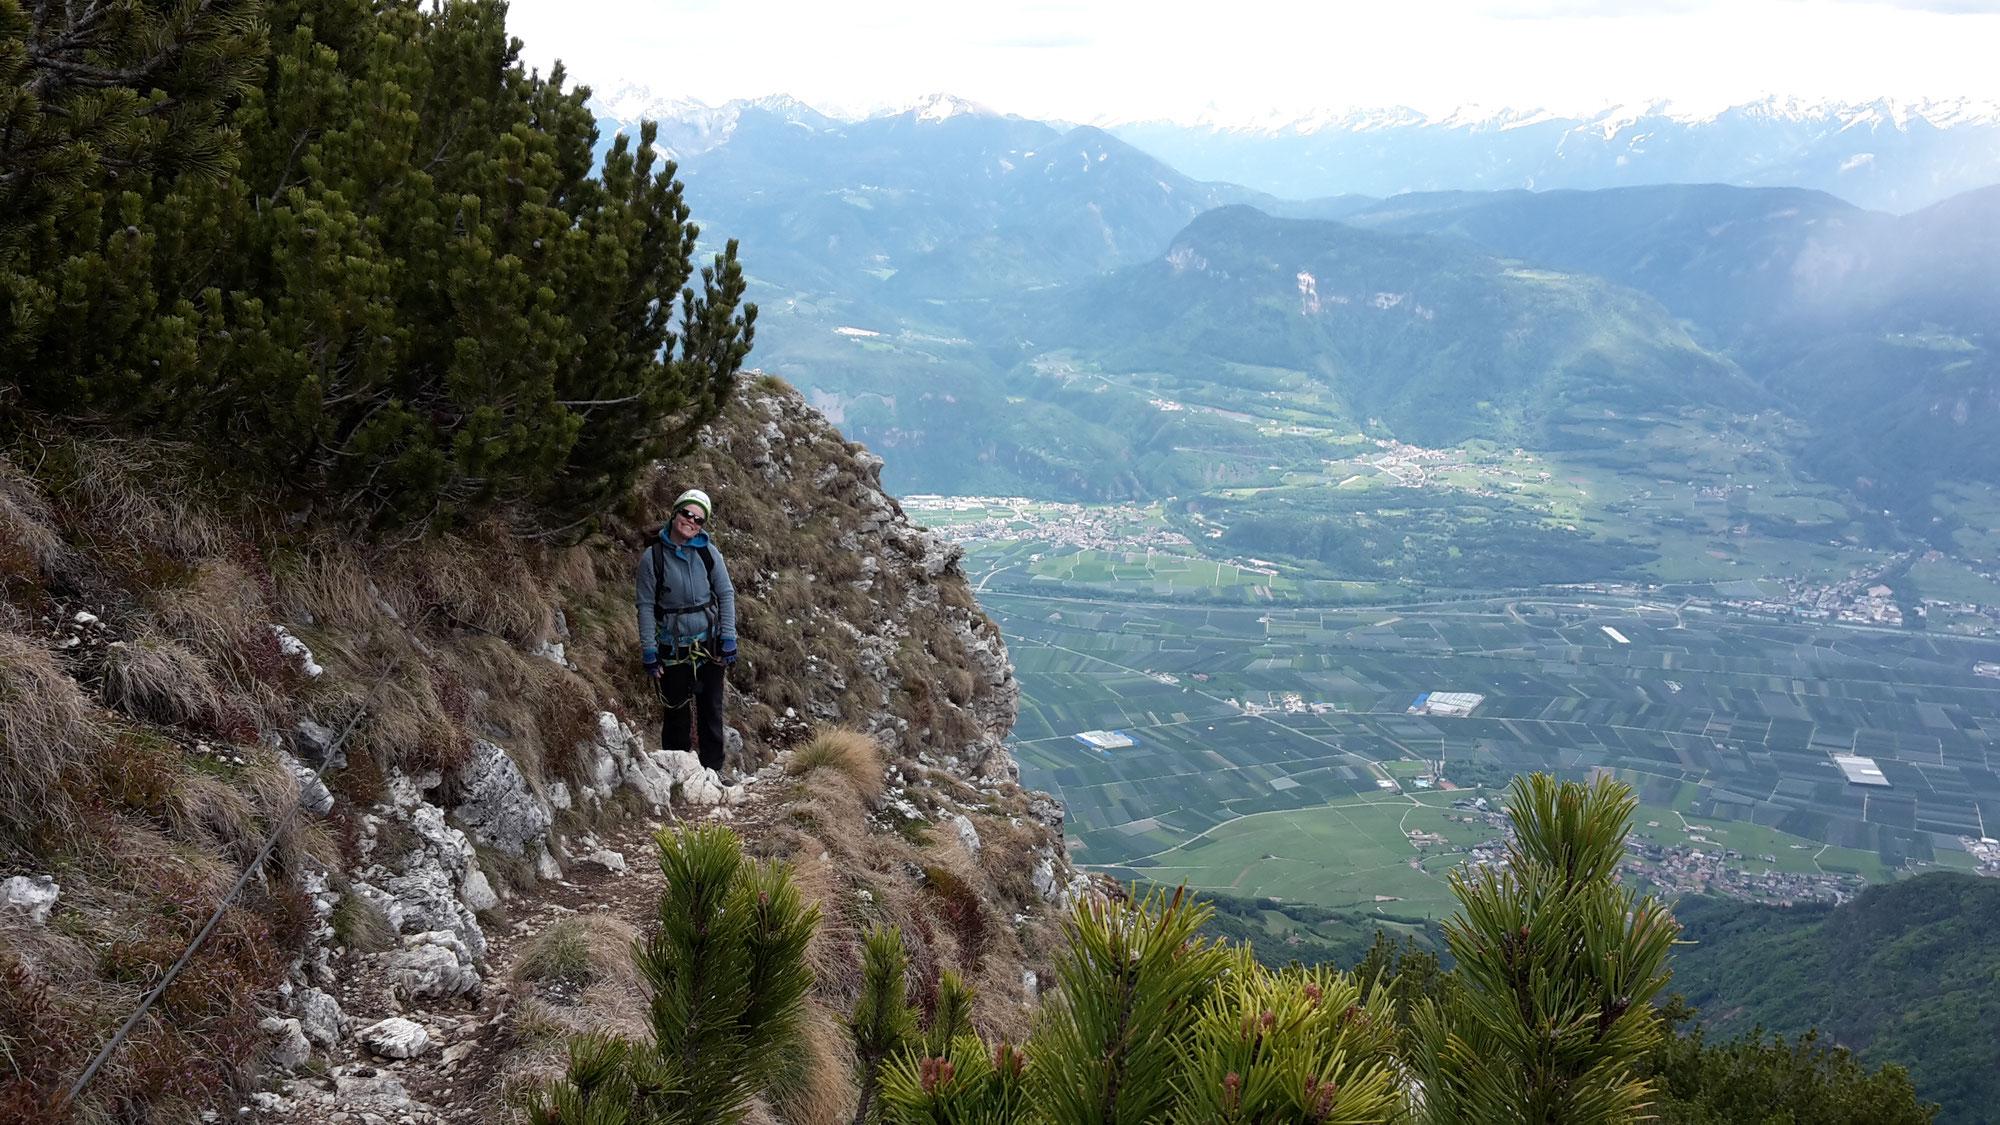 Monte Roen Klettersteig